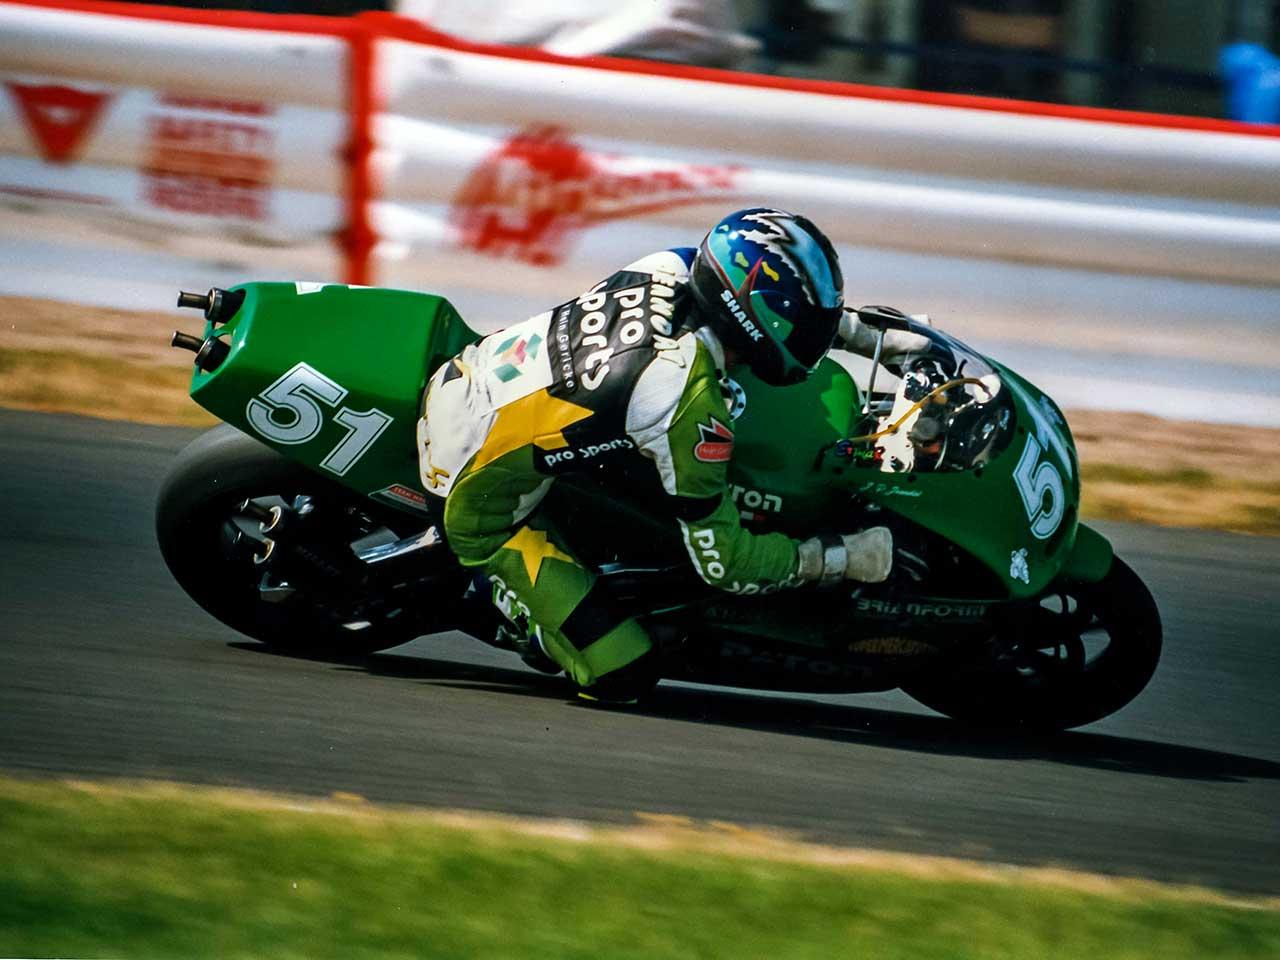 Paton_Storia-Anni90_Jean-Pierre-Jeandat_Campionato-Mondiale-500cc_1996_2